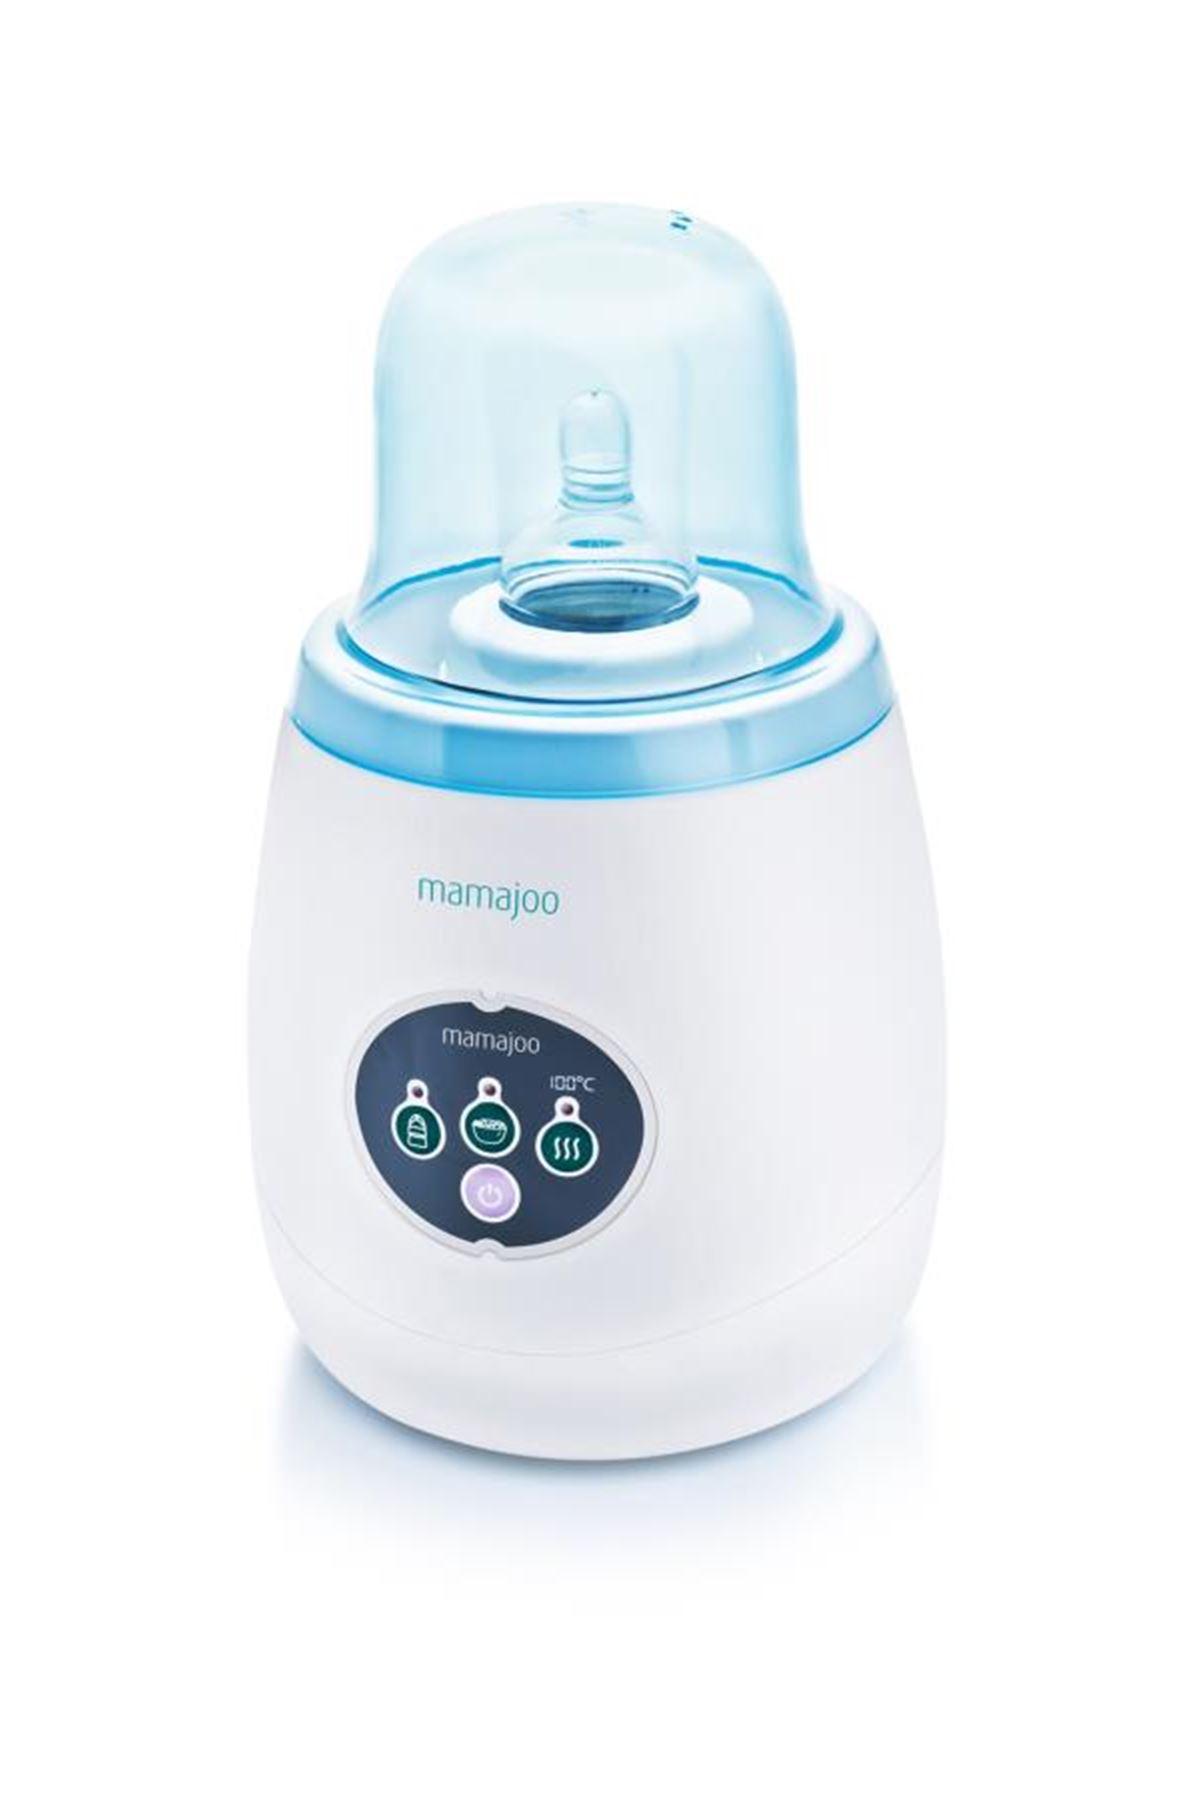 Mamajoo Dijital Mama Isıtıcı & Buhar Sterilizatörü